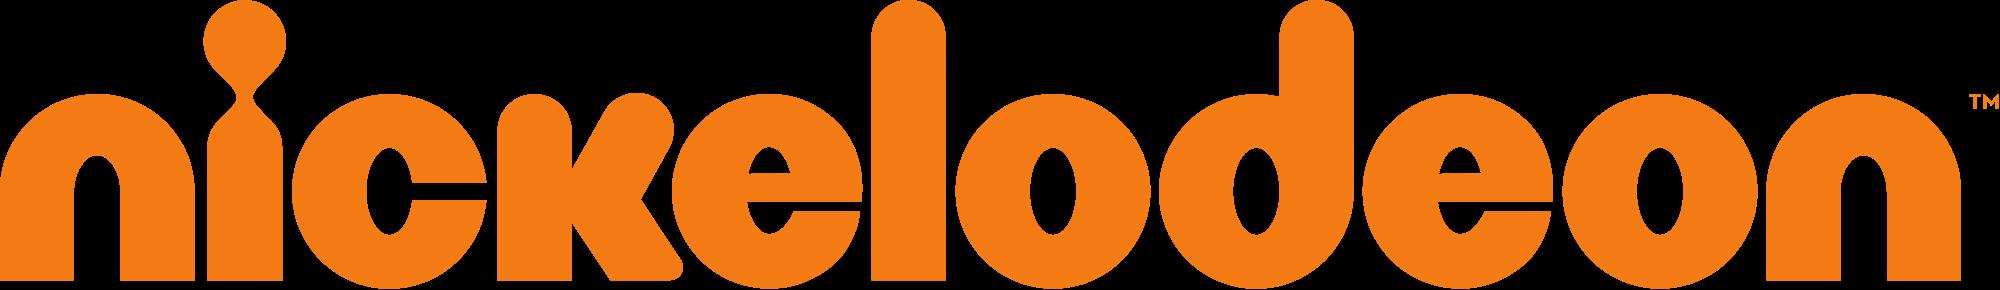 Nickelodeon - 2914029